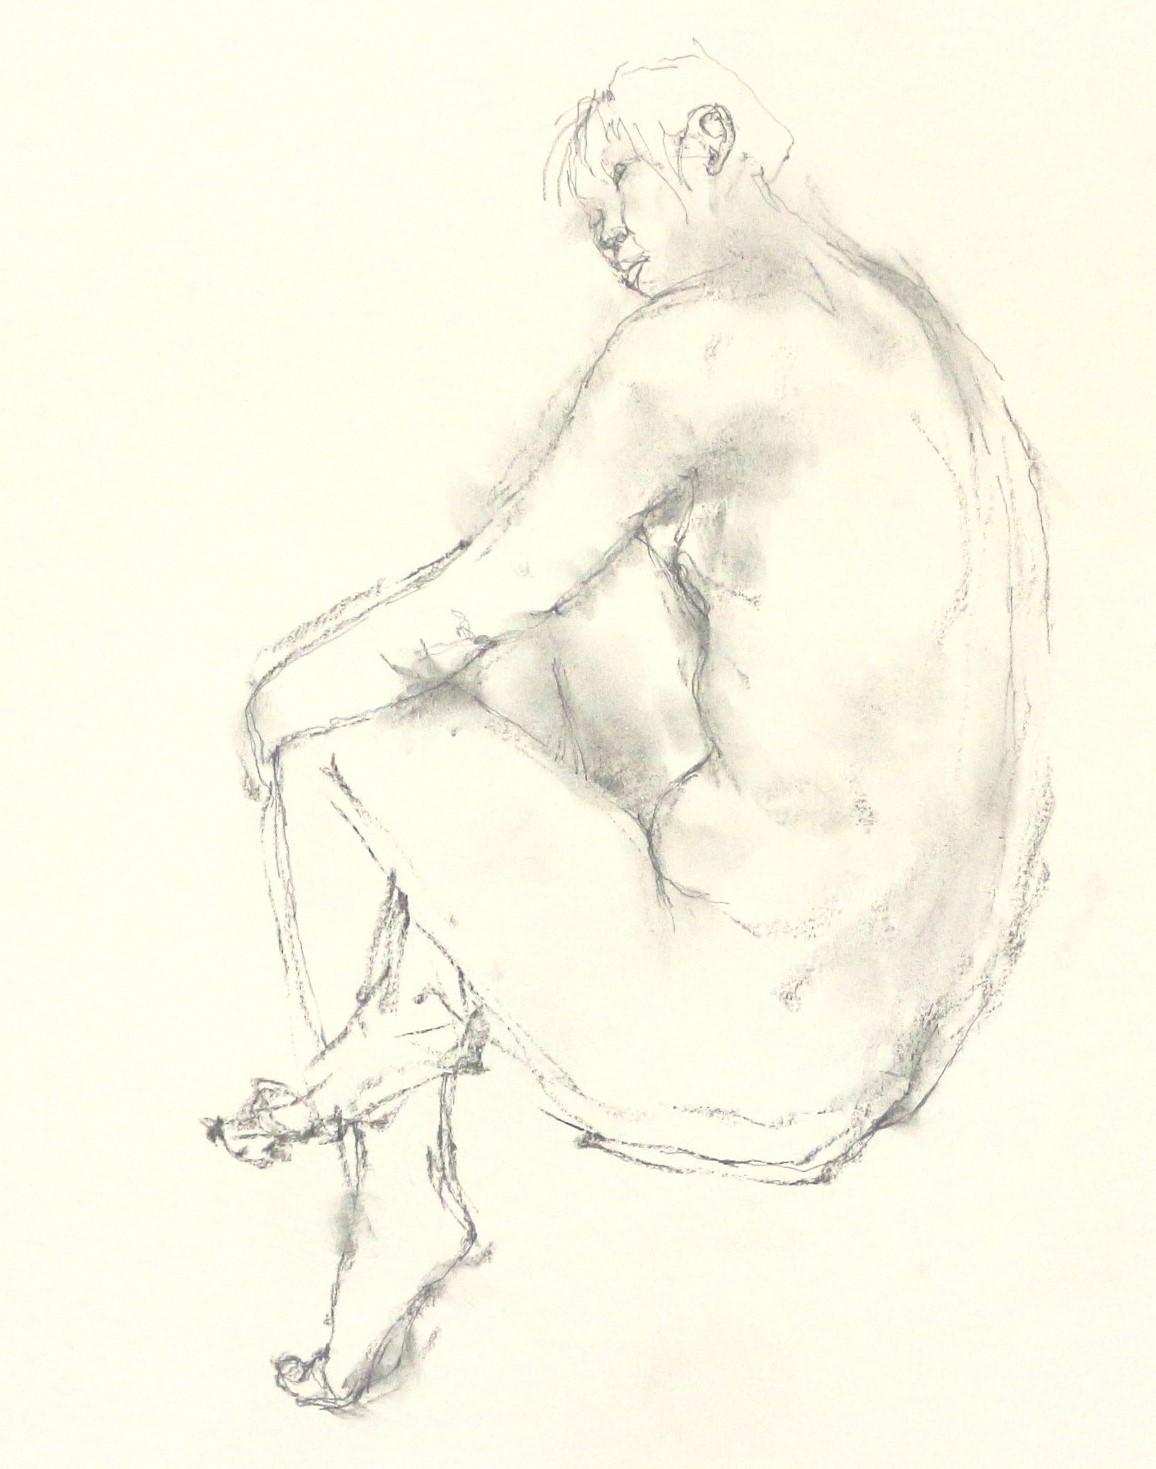 《 「四月卯月裸婦素描」3 》_f0159856_08530649.jpg